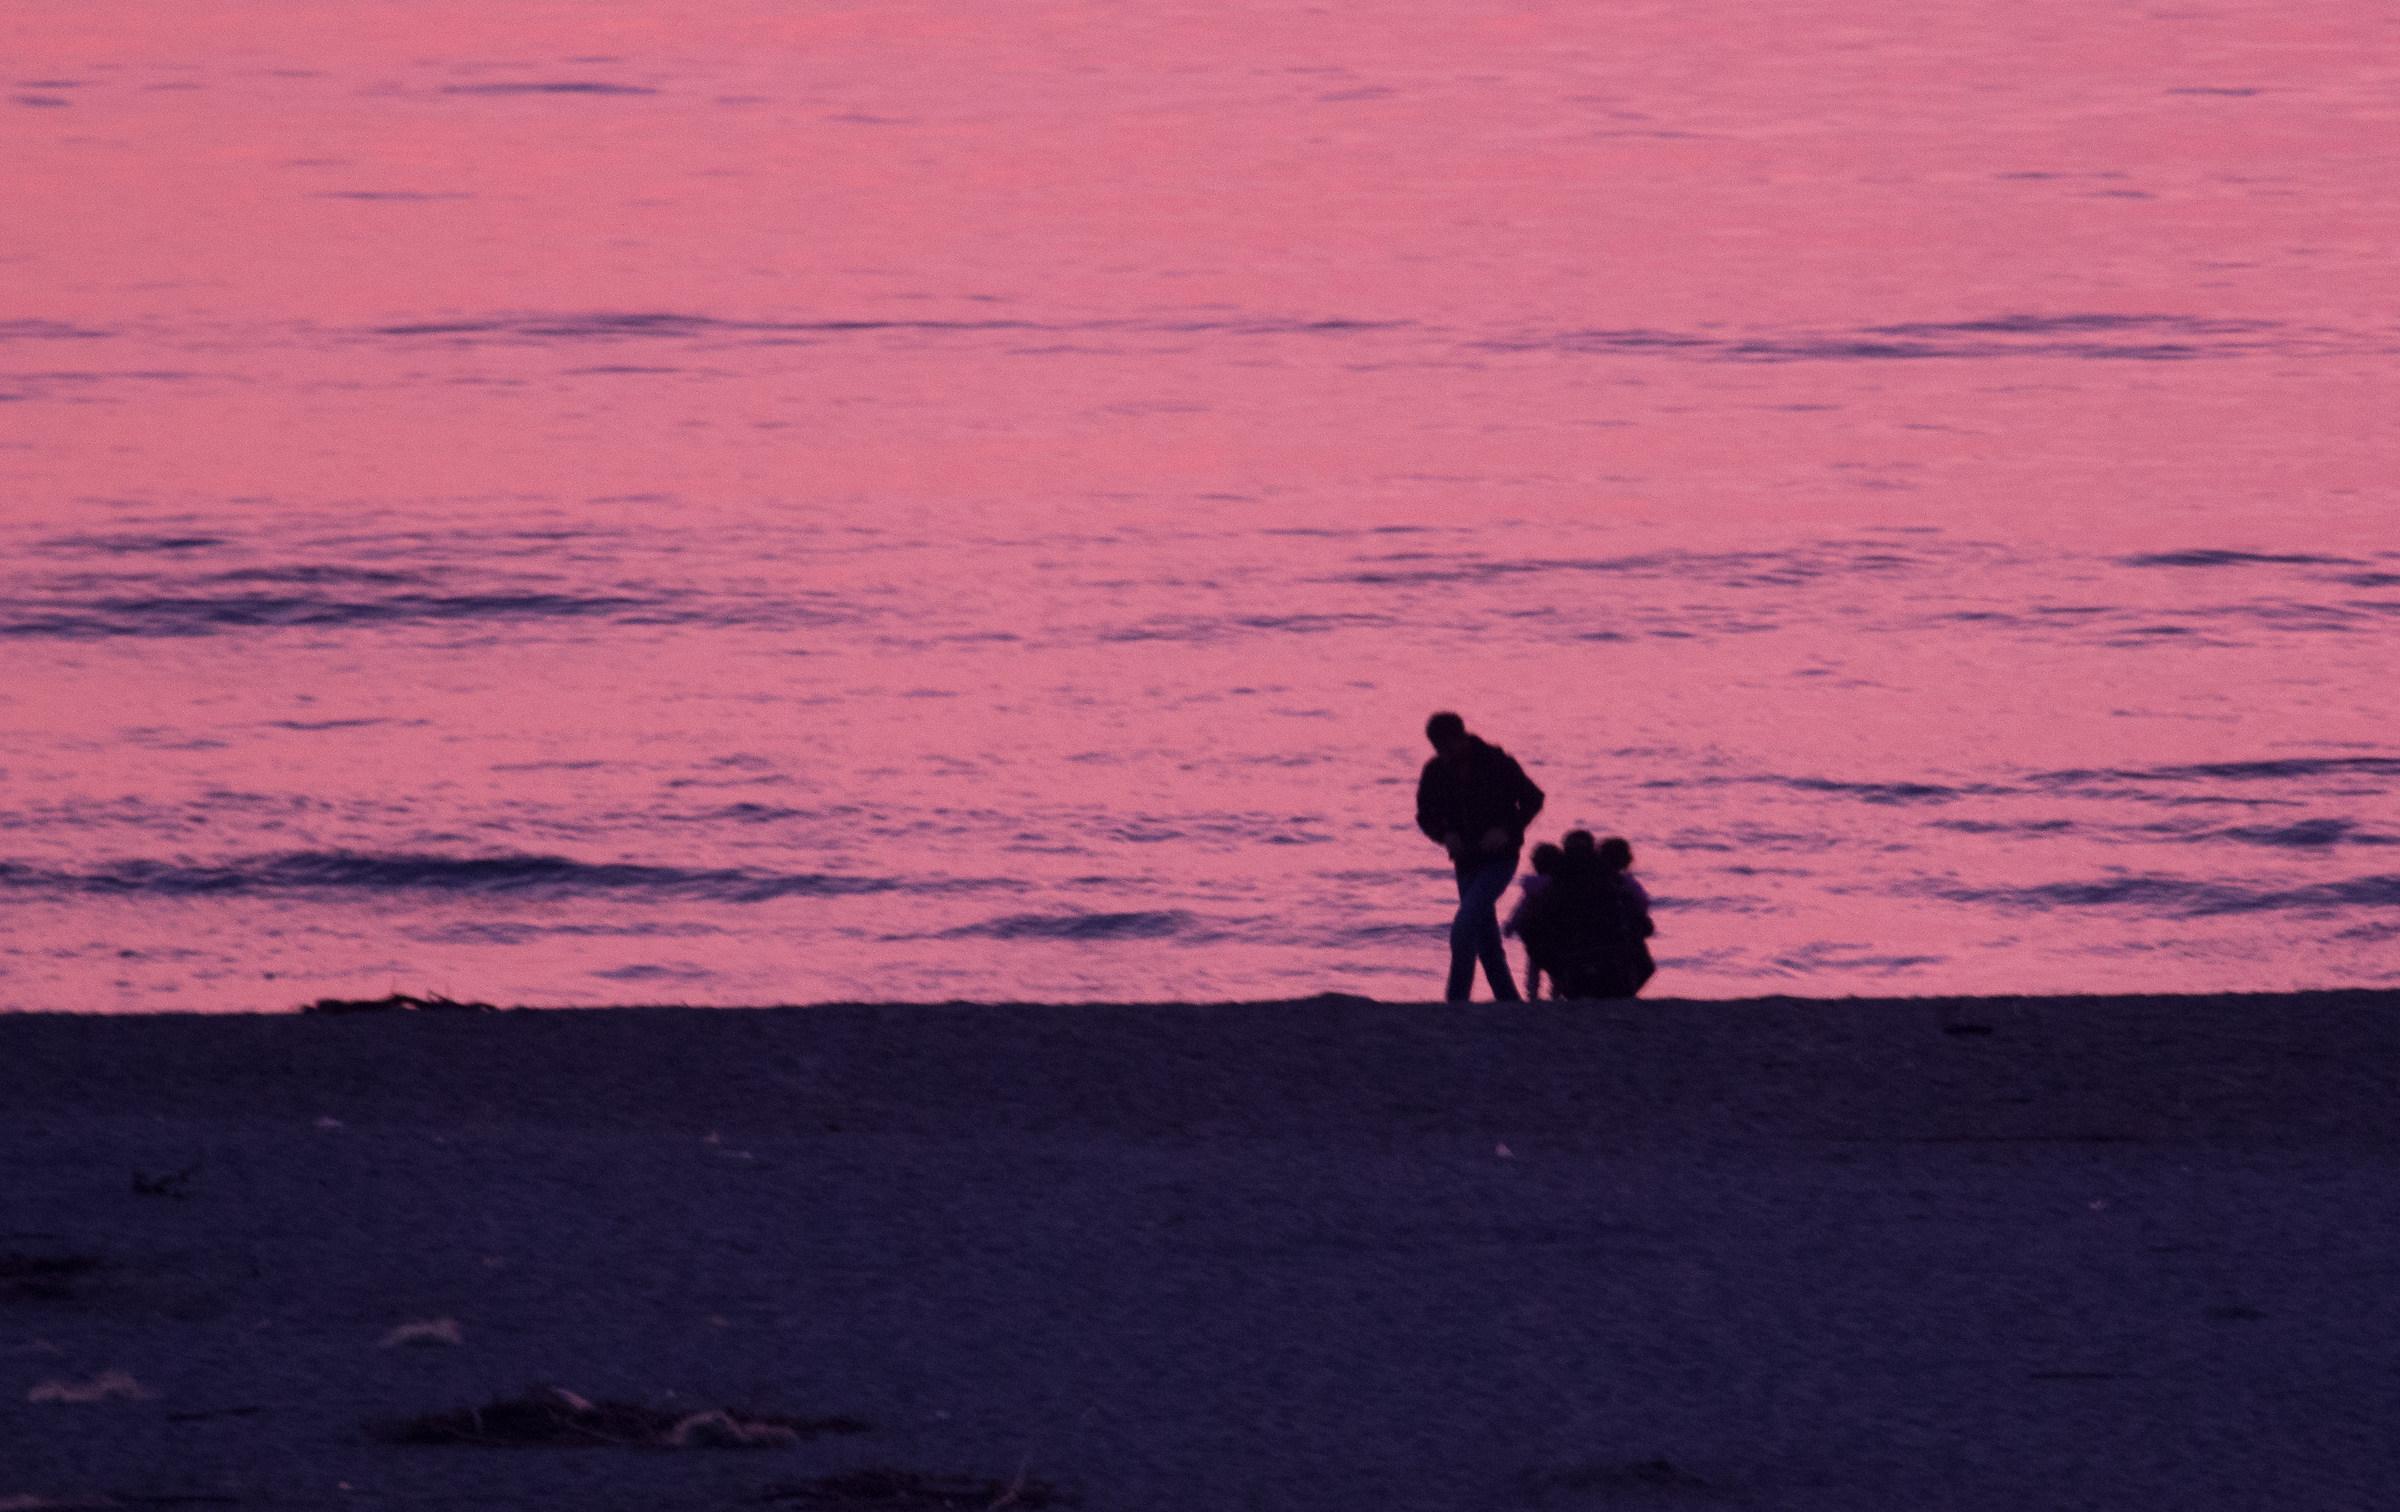 Sulla spiaggia...